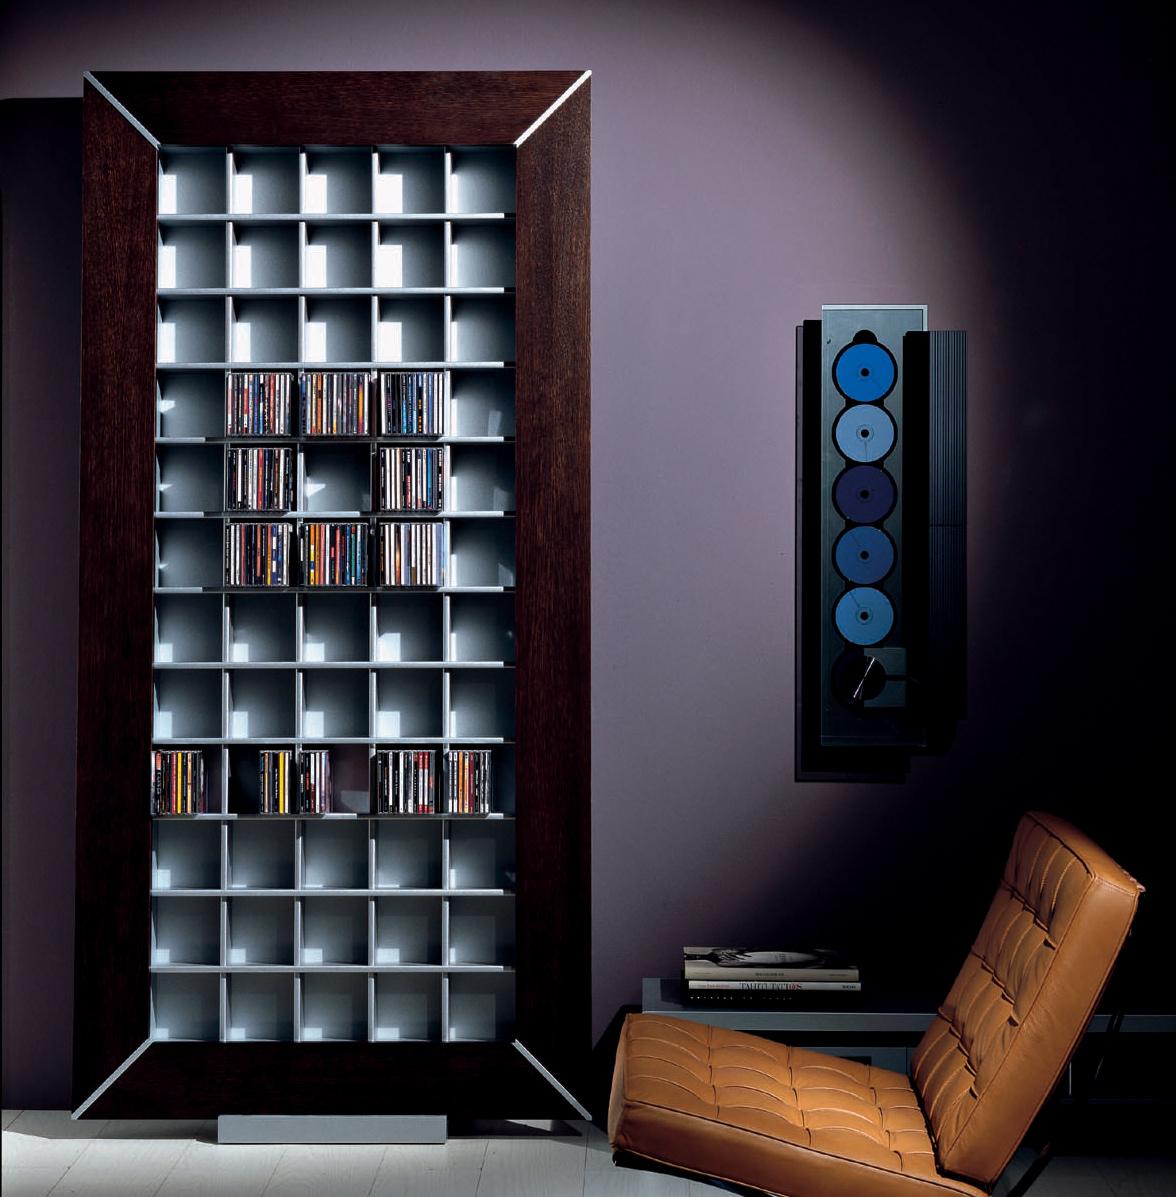 CD/DVD Wandregal-Rack-Archivierung 102,5x214x32 cm 102,5x214x32 cm (BxHxT). Design-Bilderrahmen-geschachtet. Modell Frame 214 von Vismara.